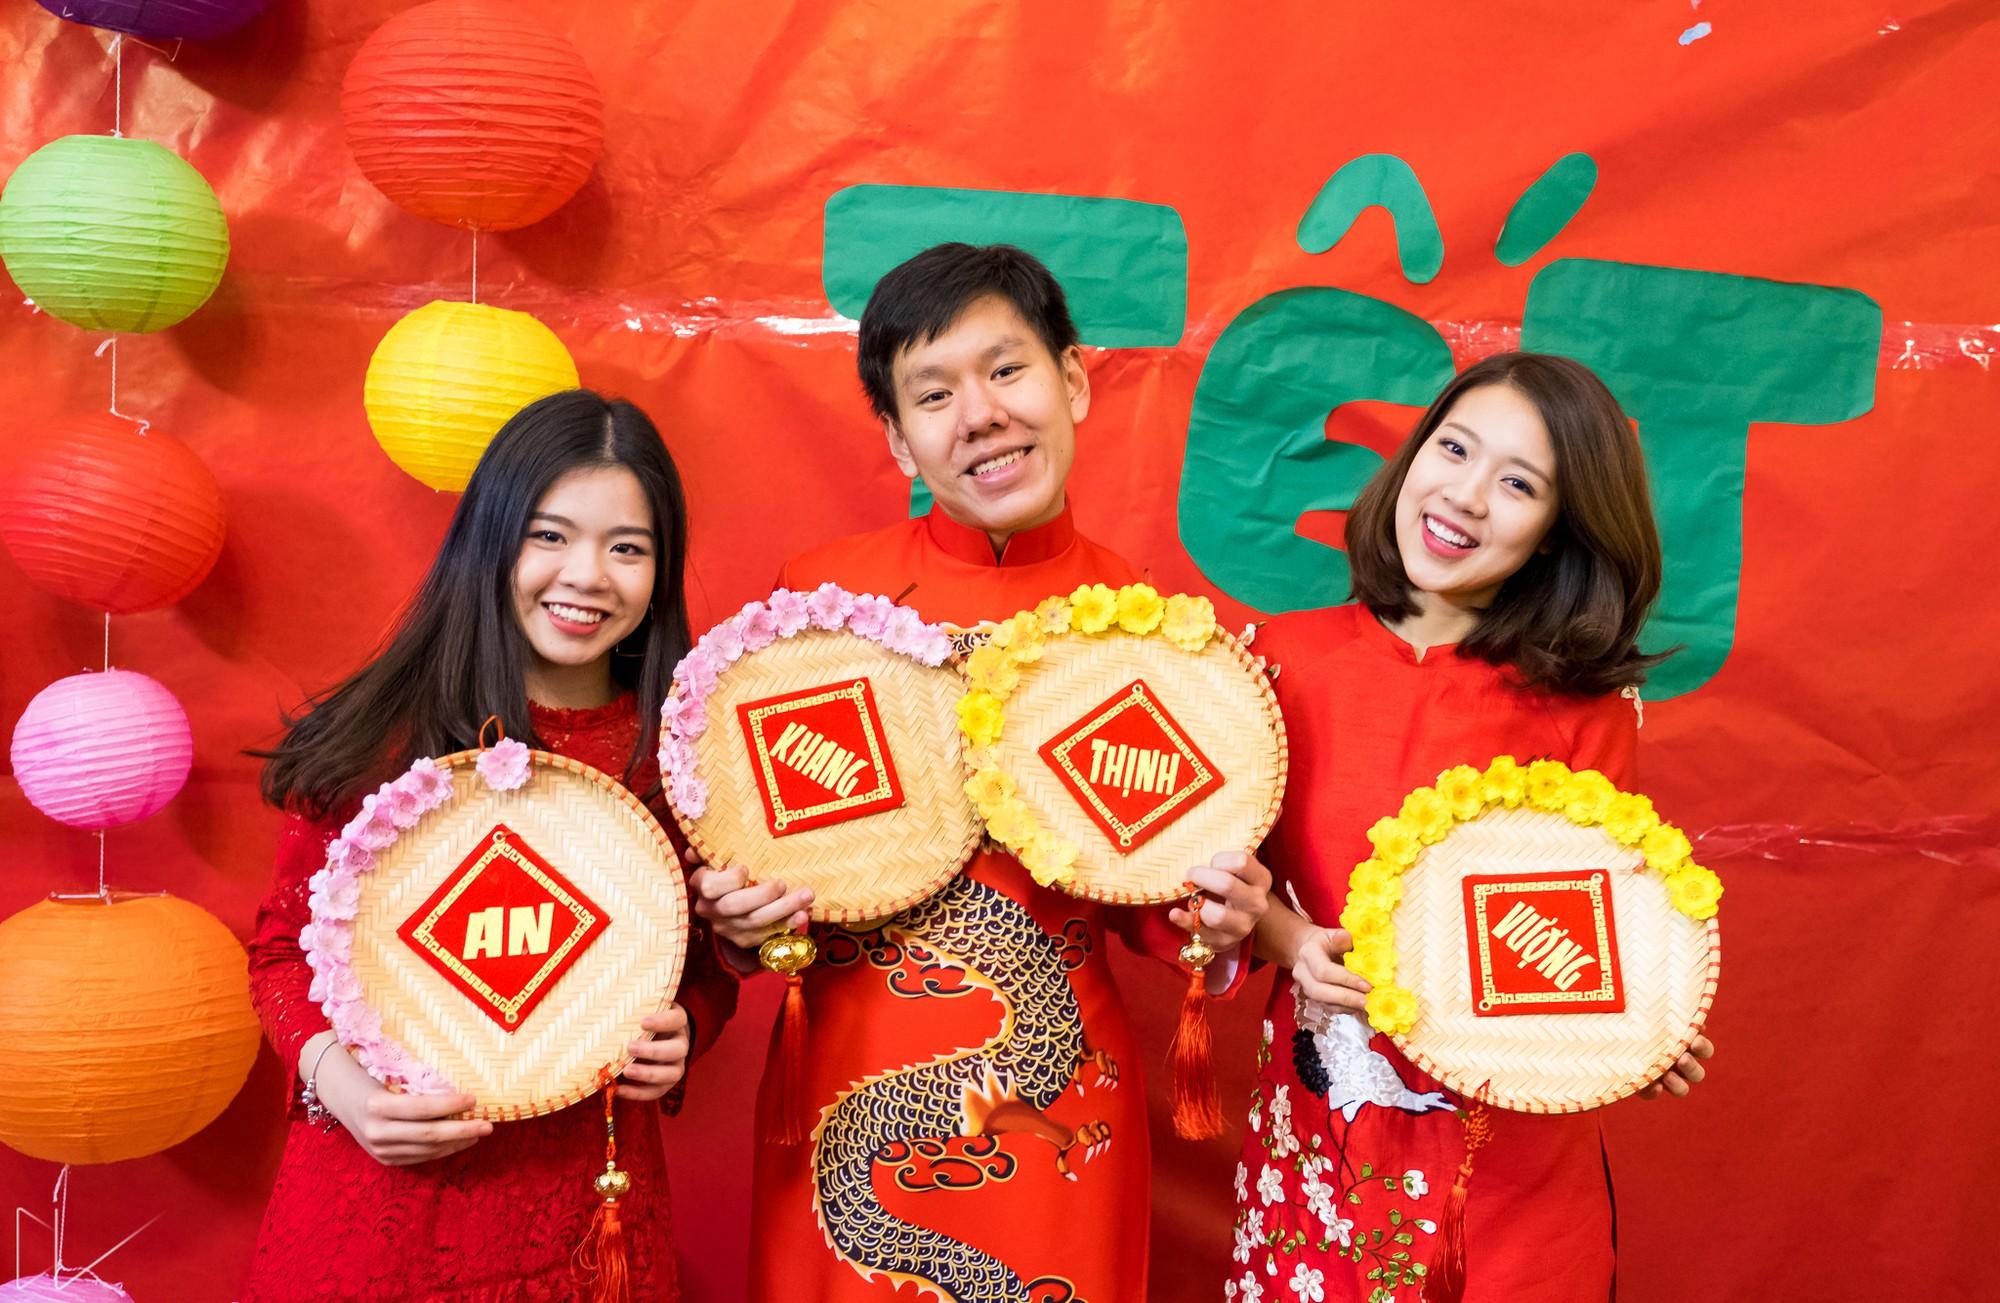 Trai xinh, gái đẹp nô nức tham gia chương trình Tết của du học sinh Việt tại Anh - Ảnh 9.